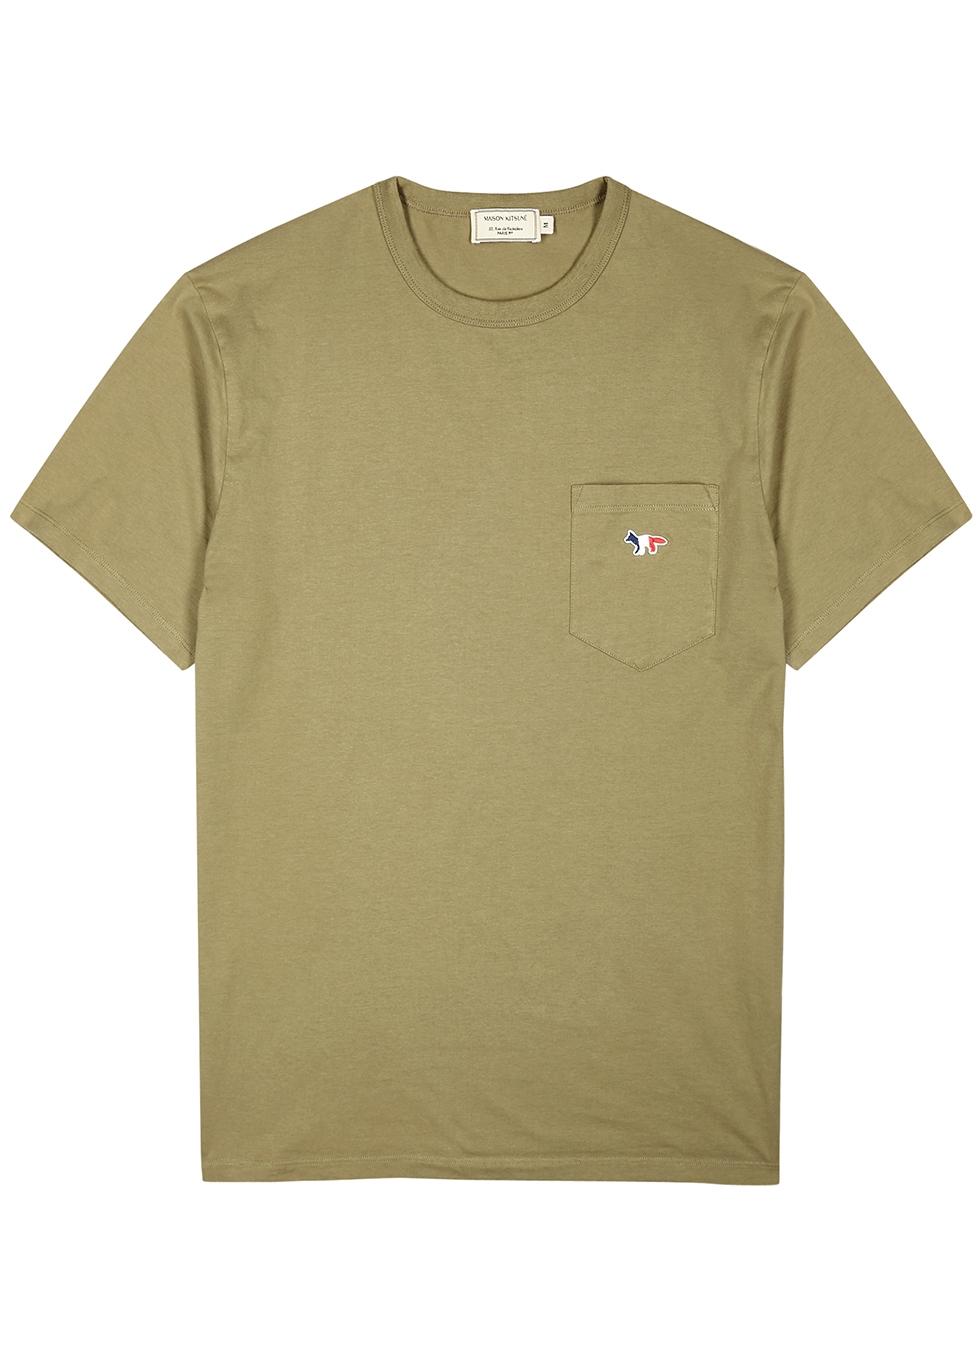 Olive cotton T-shirt